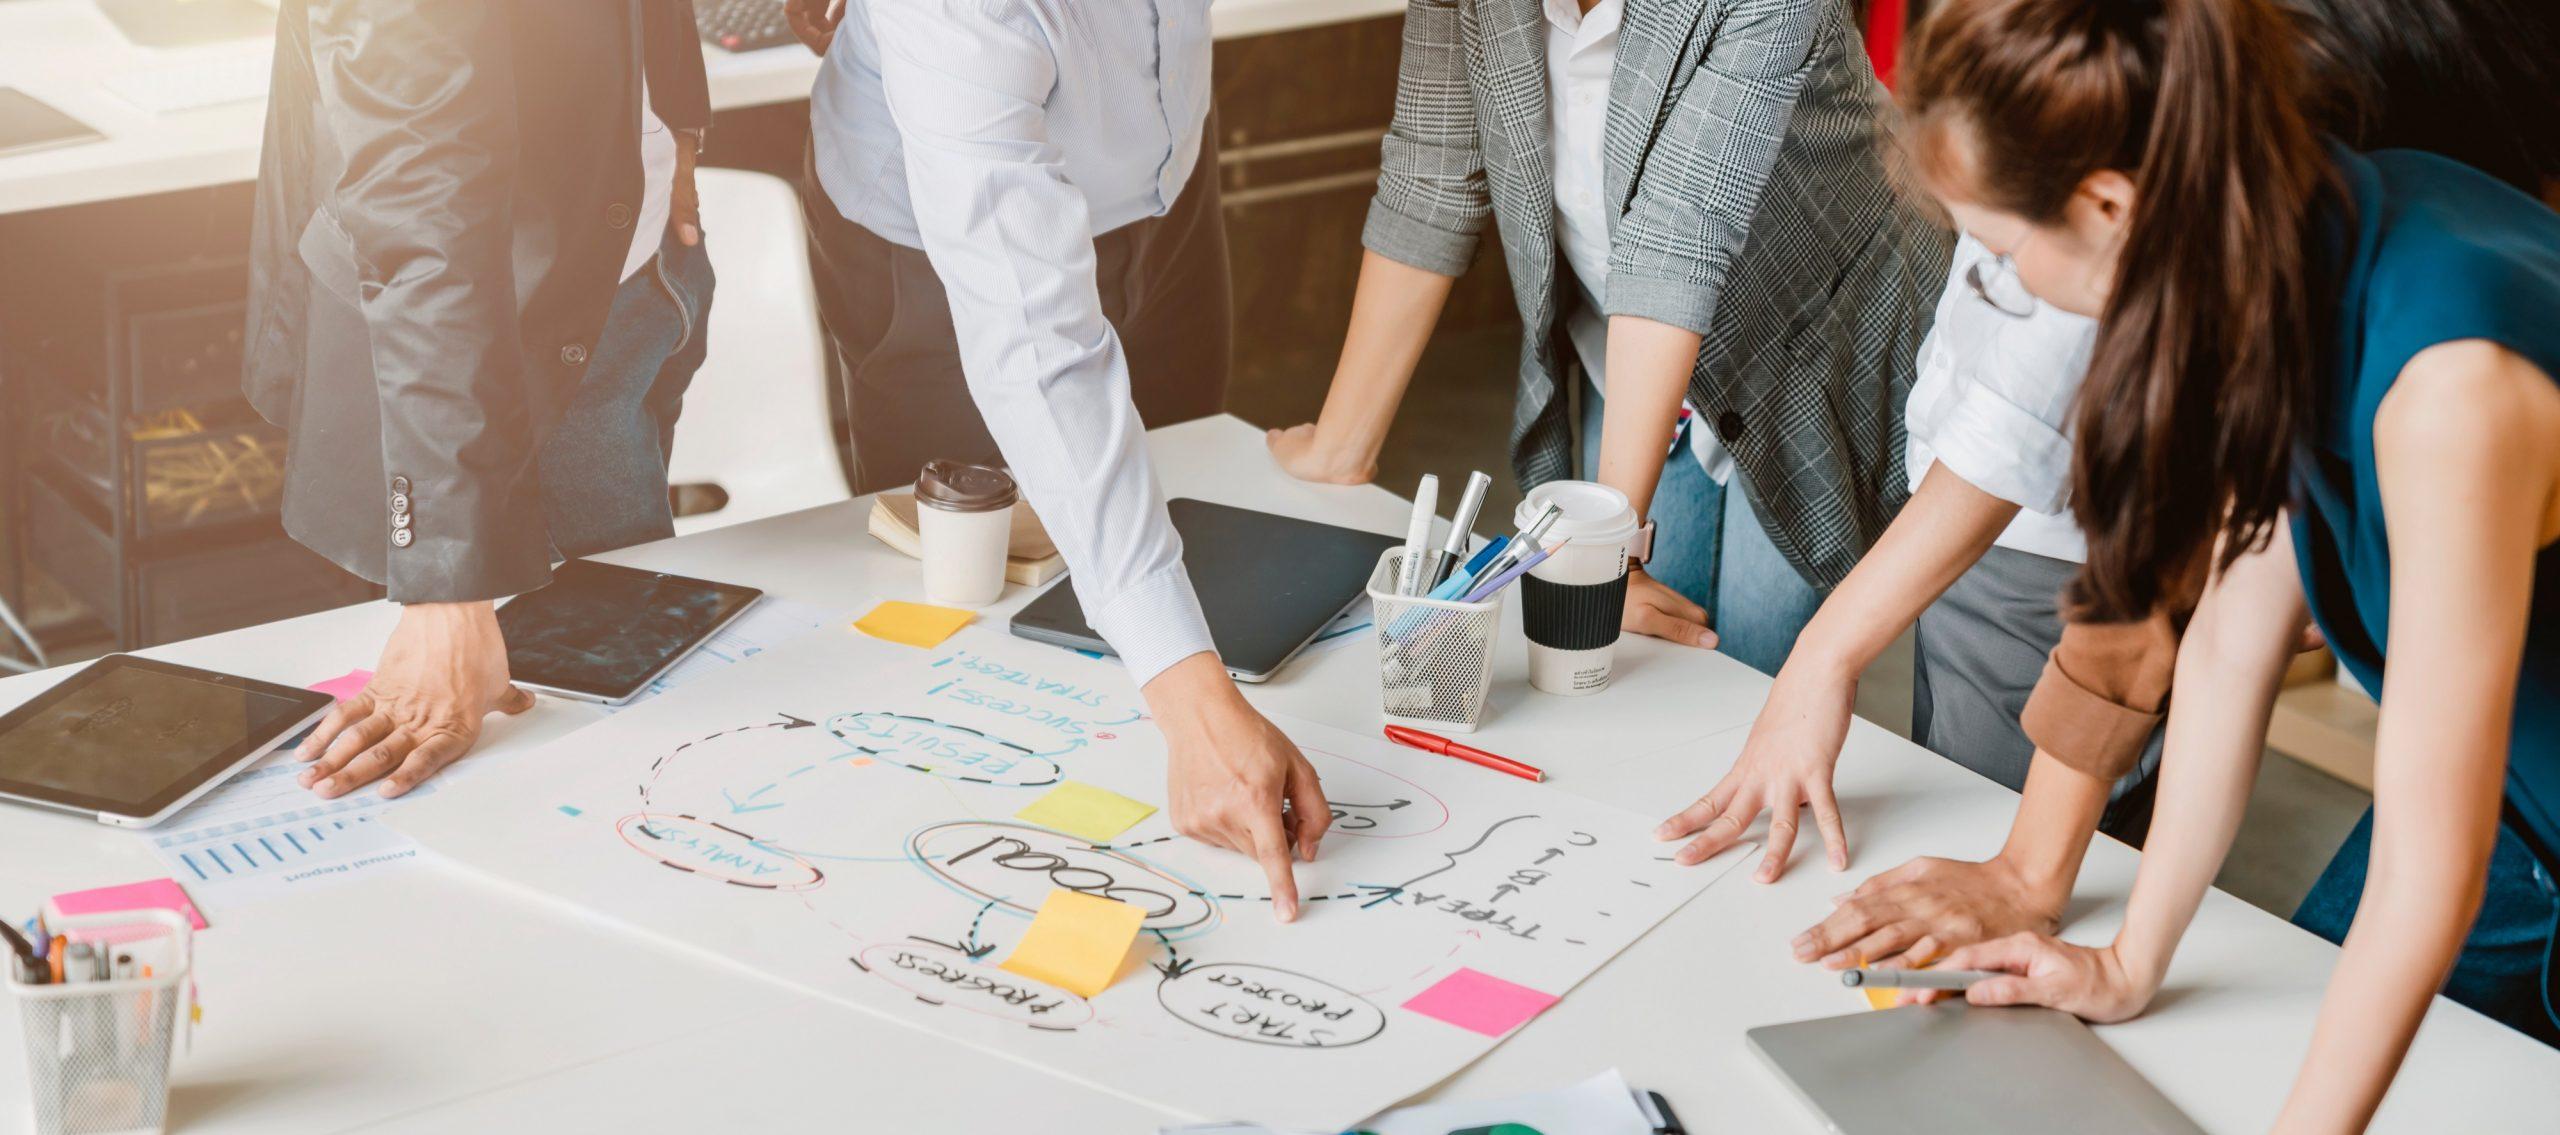 Equipe de profissionais elaborando um projeto.